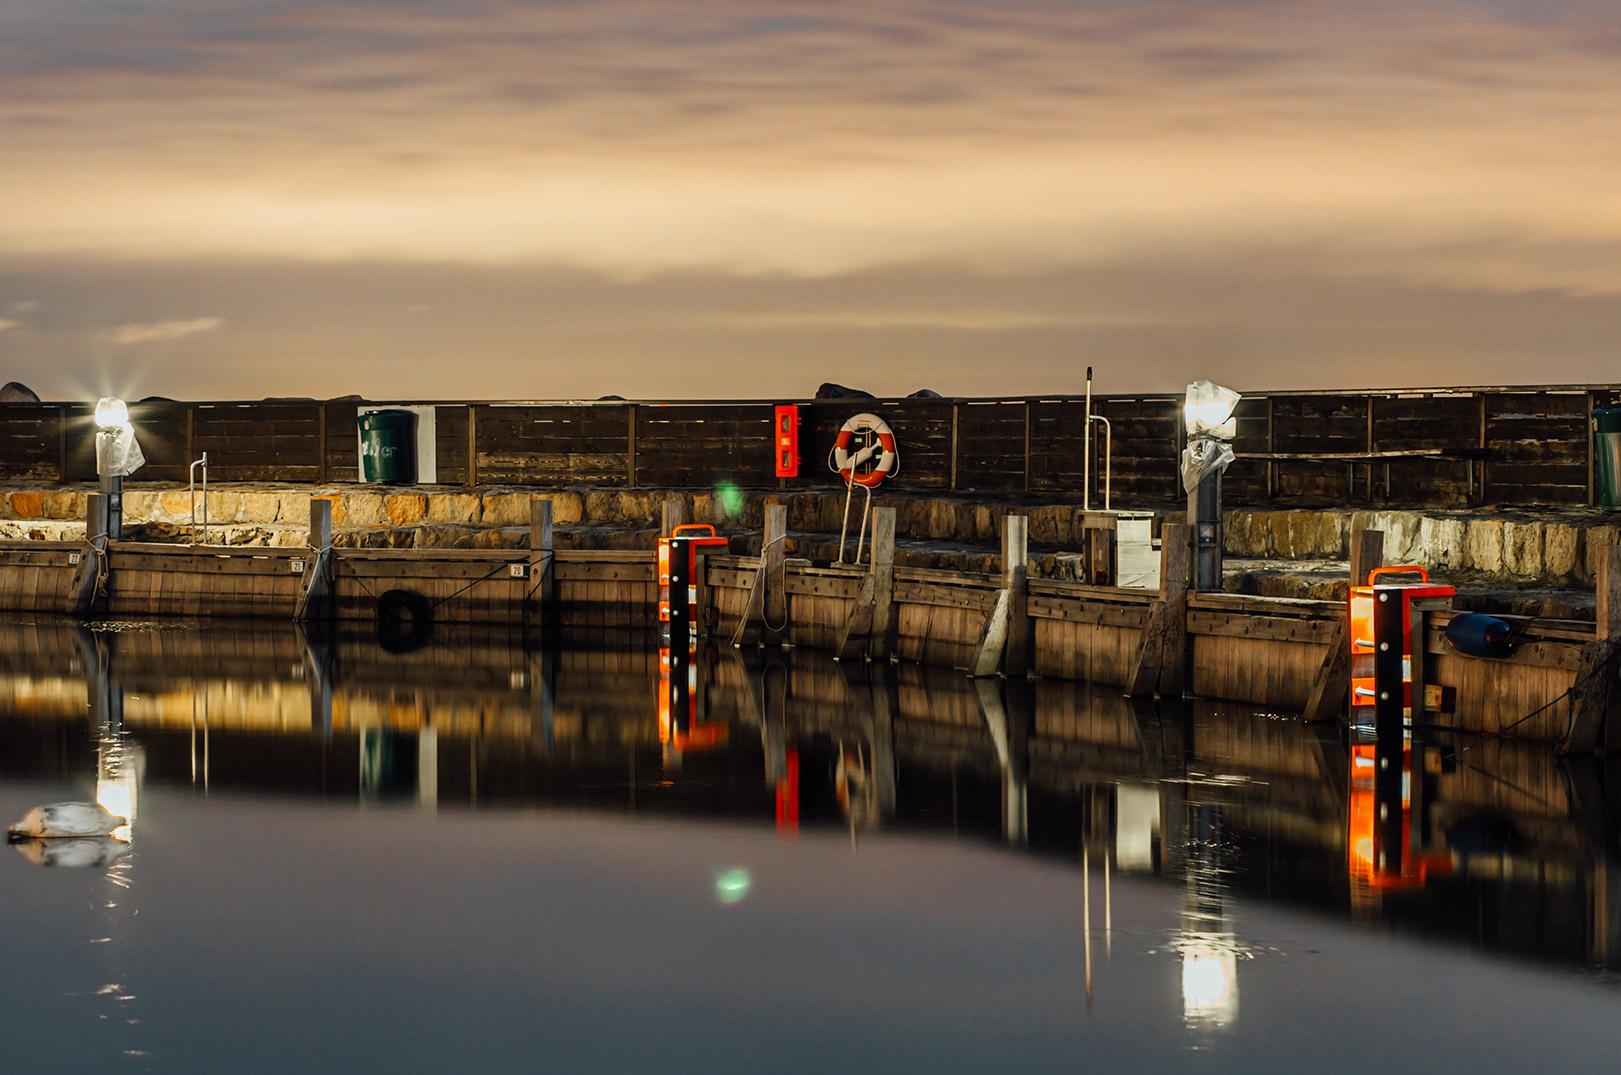 Med TrygFondens nye redningsstige bliver det let at komme op, hvis du falder i havnen - selv i mørke.